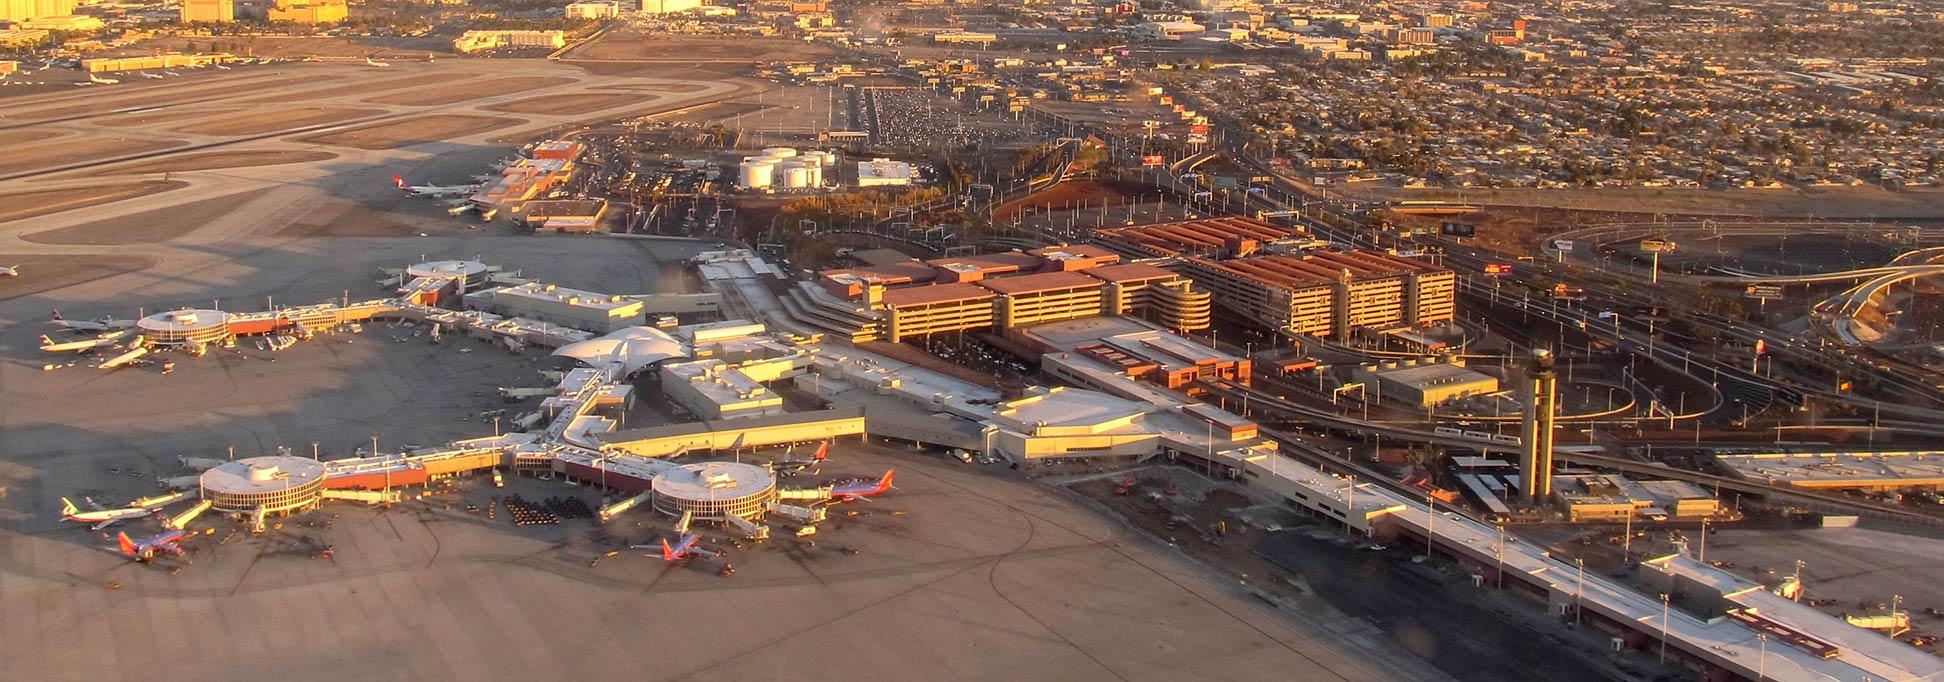 Airports around the World - IATA code: L - Nations Online Project on abx air, everts air, cinnamon air, allegiant air, kiwi air, atlas air, horizon air, cape air,